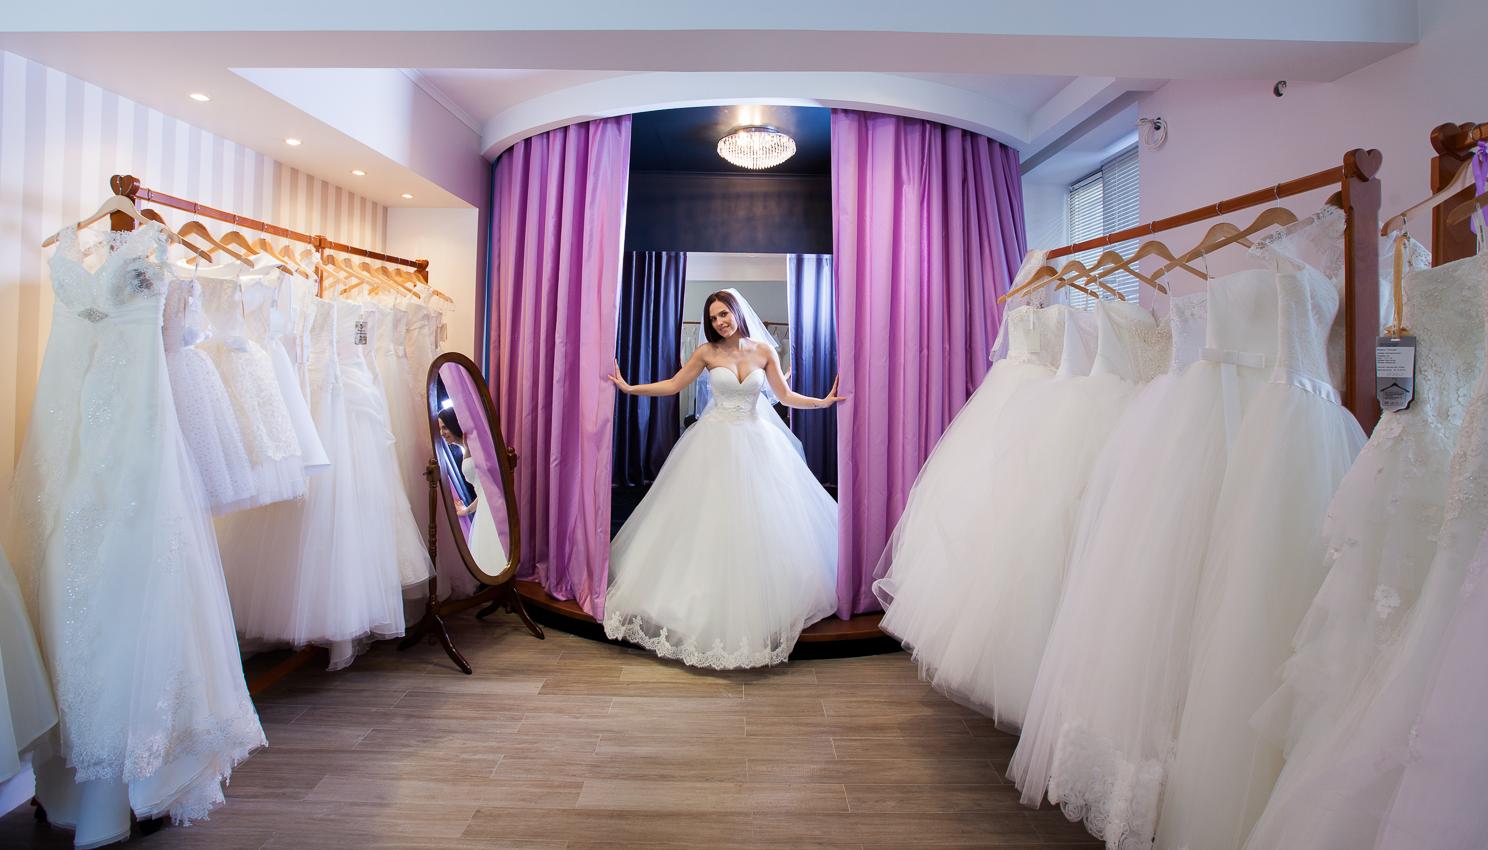 бізнес-ідея відкриття весільного салону